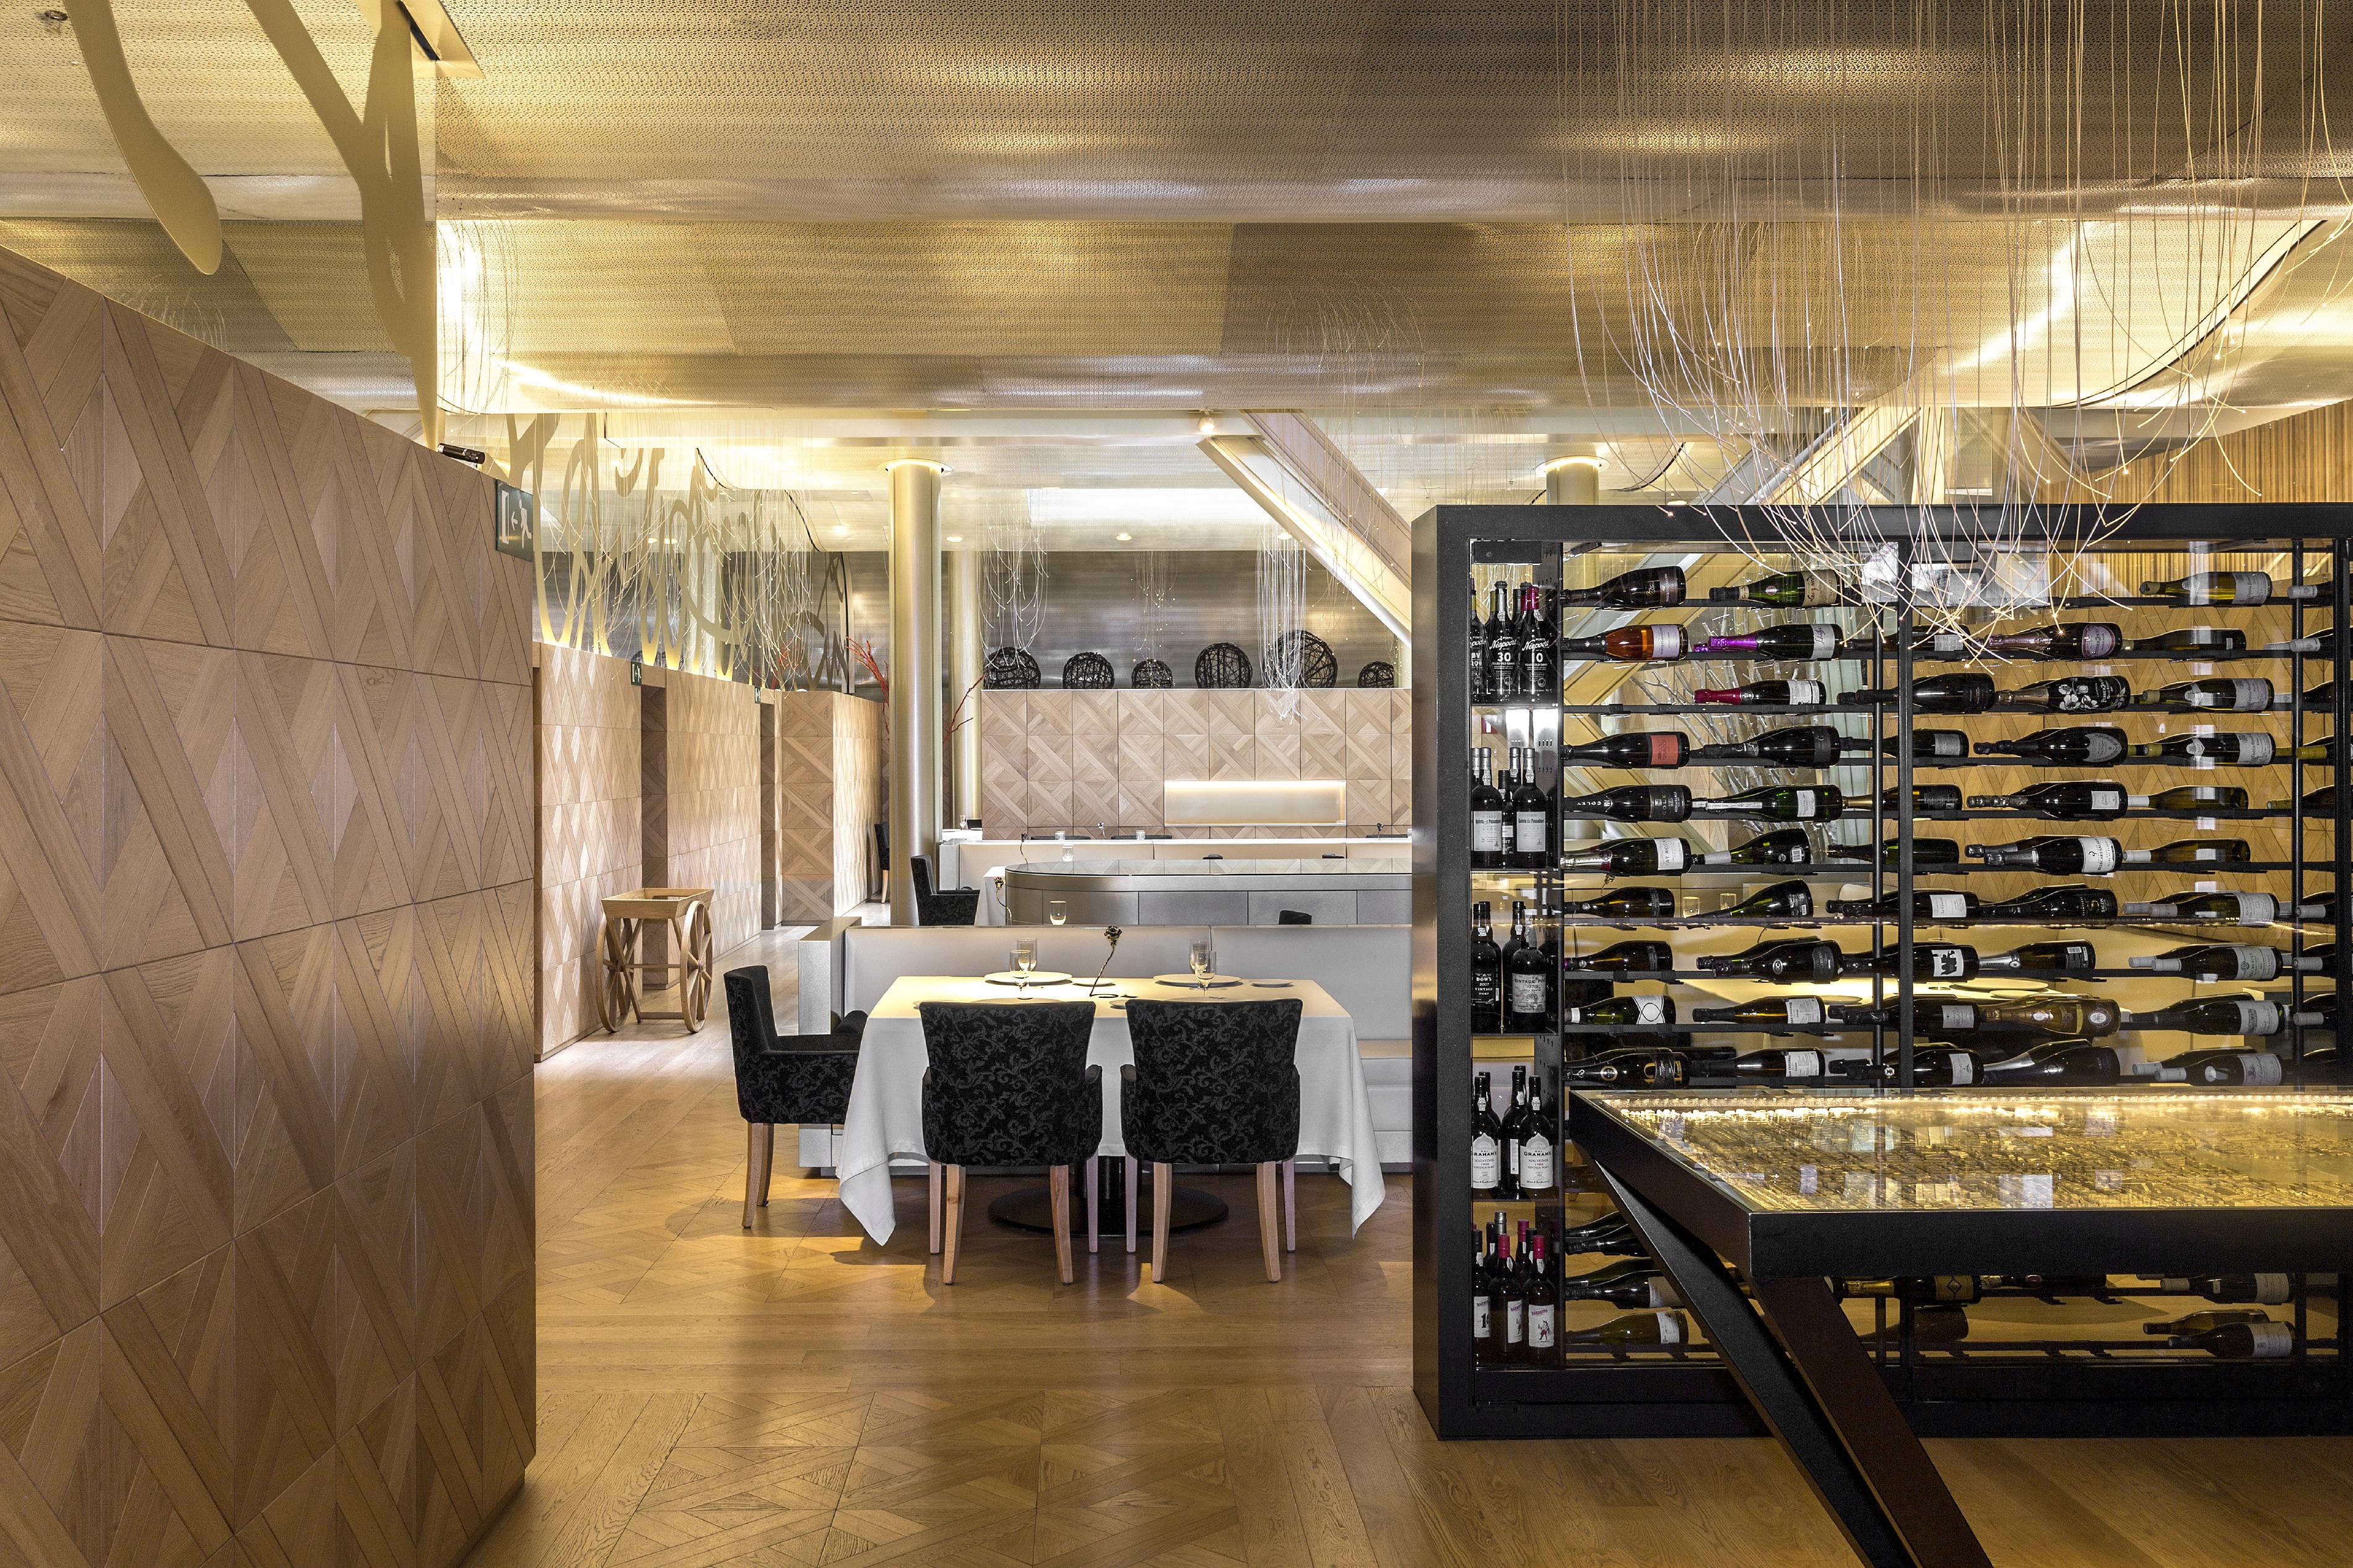 Las estrellas de Lasarte y Oria vuelven a brillar en el Monument Hotel | Luxury Spain